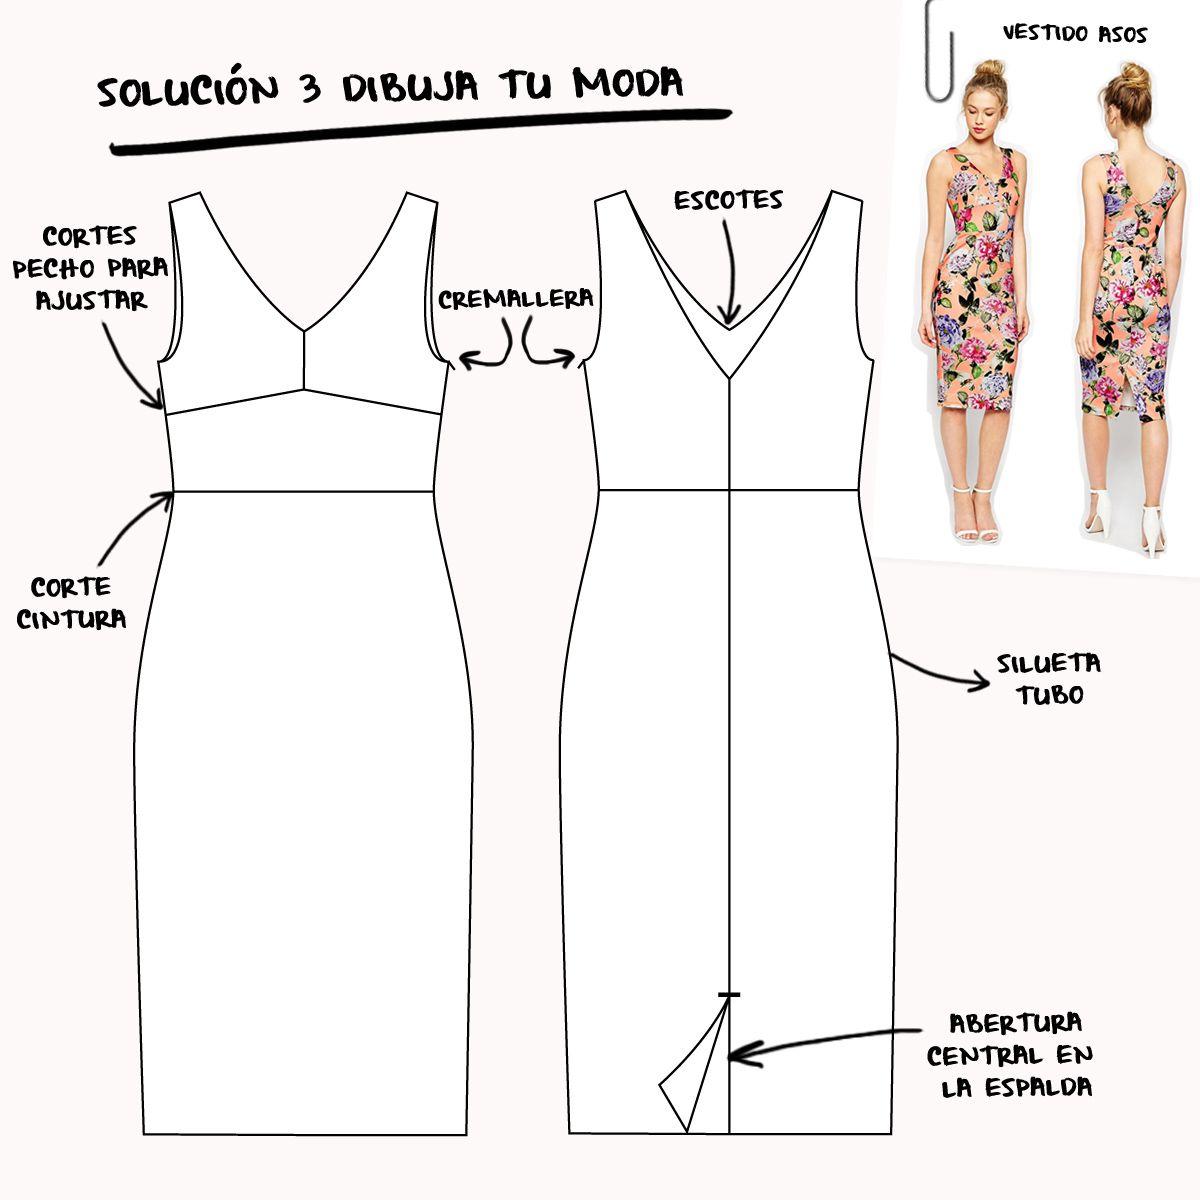 Dibujo plano de vestido silueta tubo | Betsy Costura | dibujo de ...